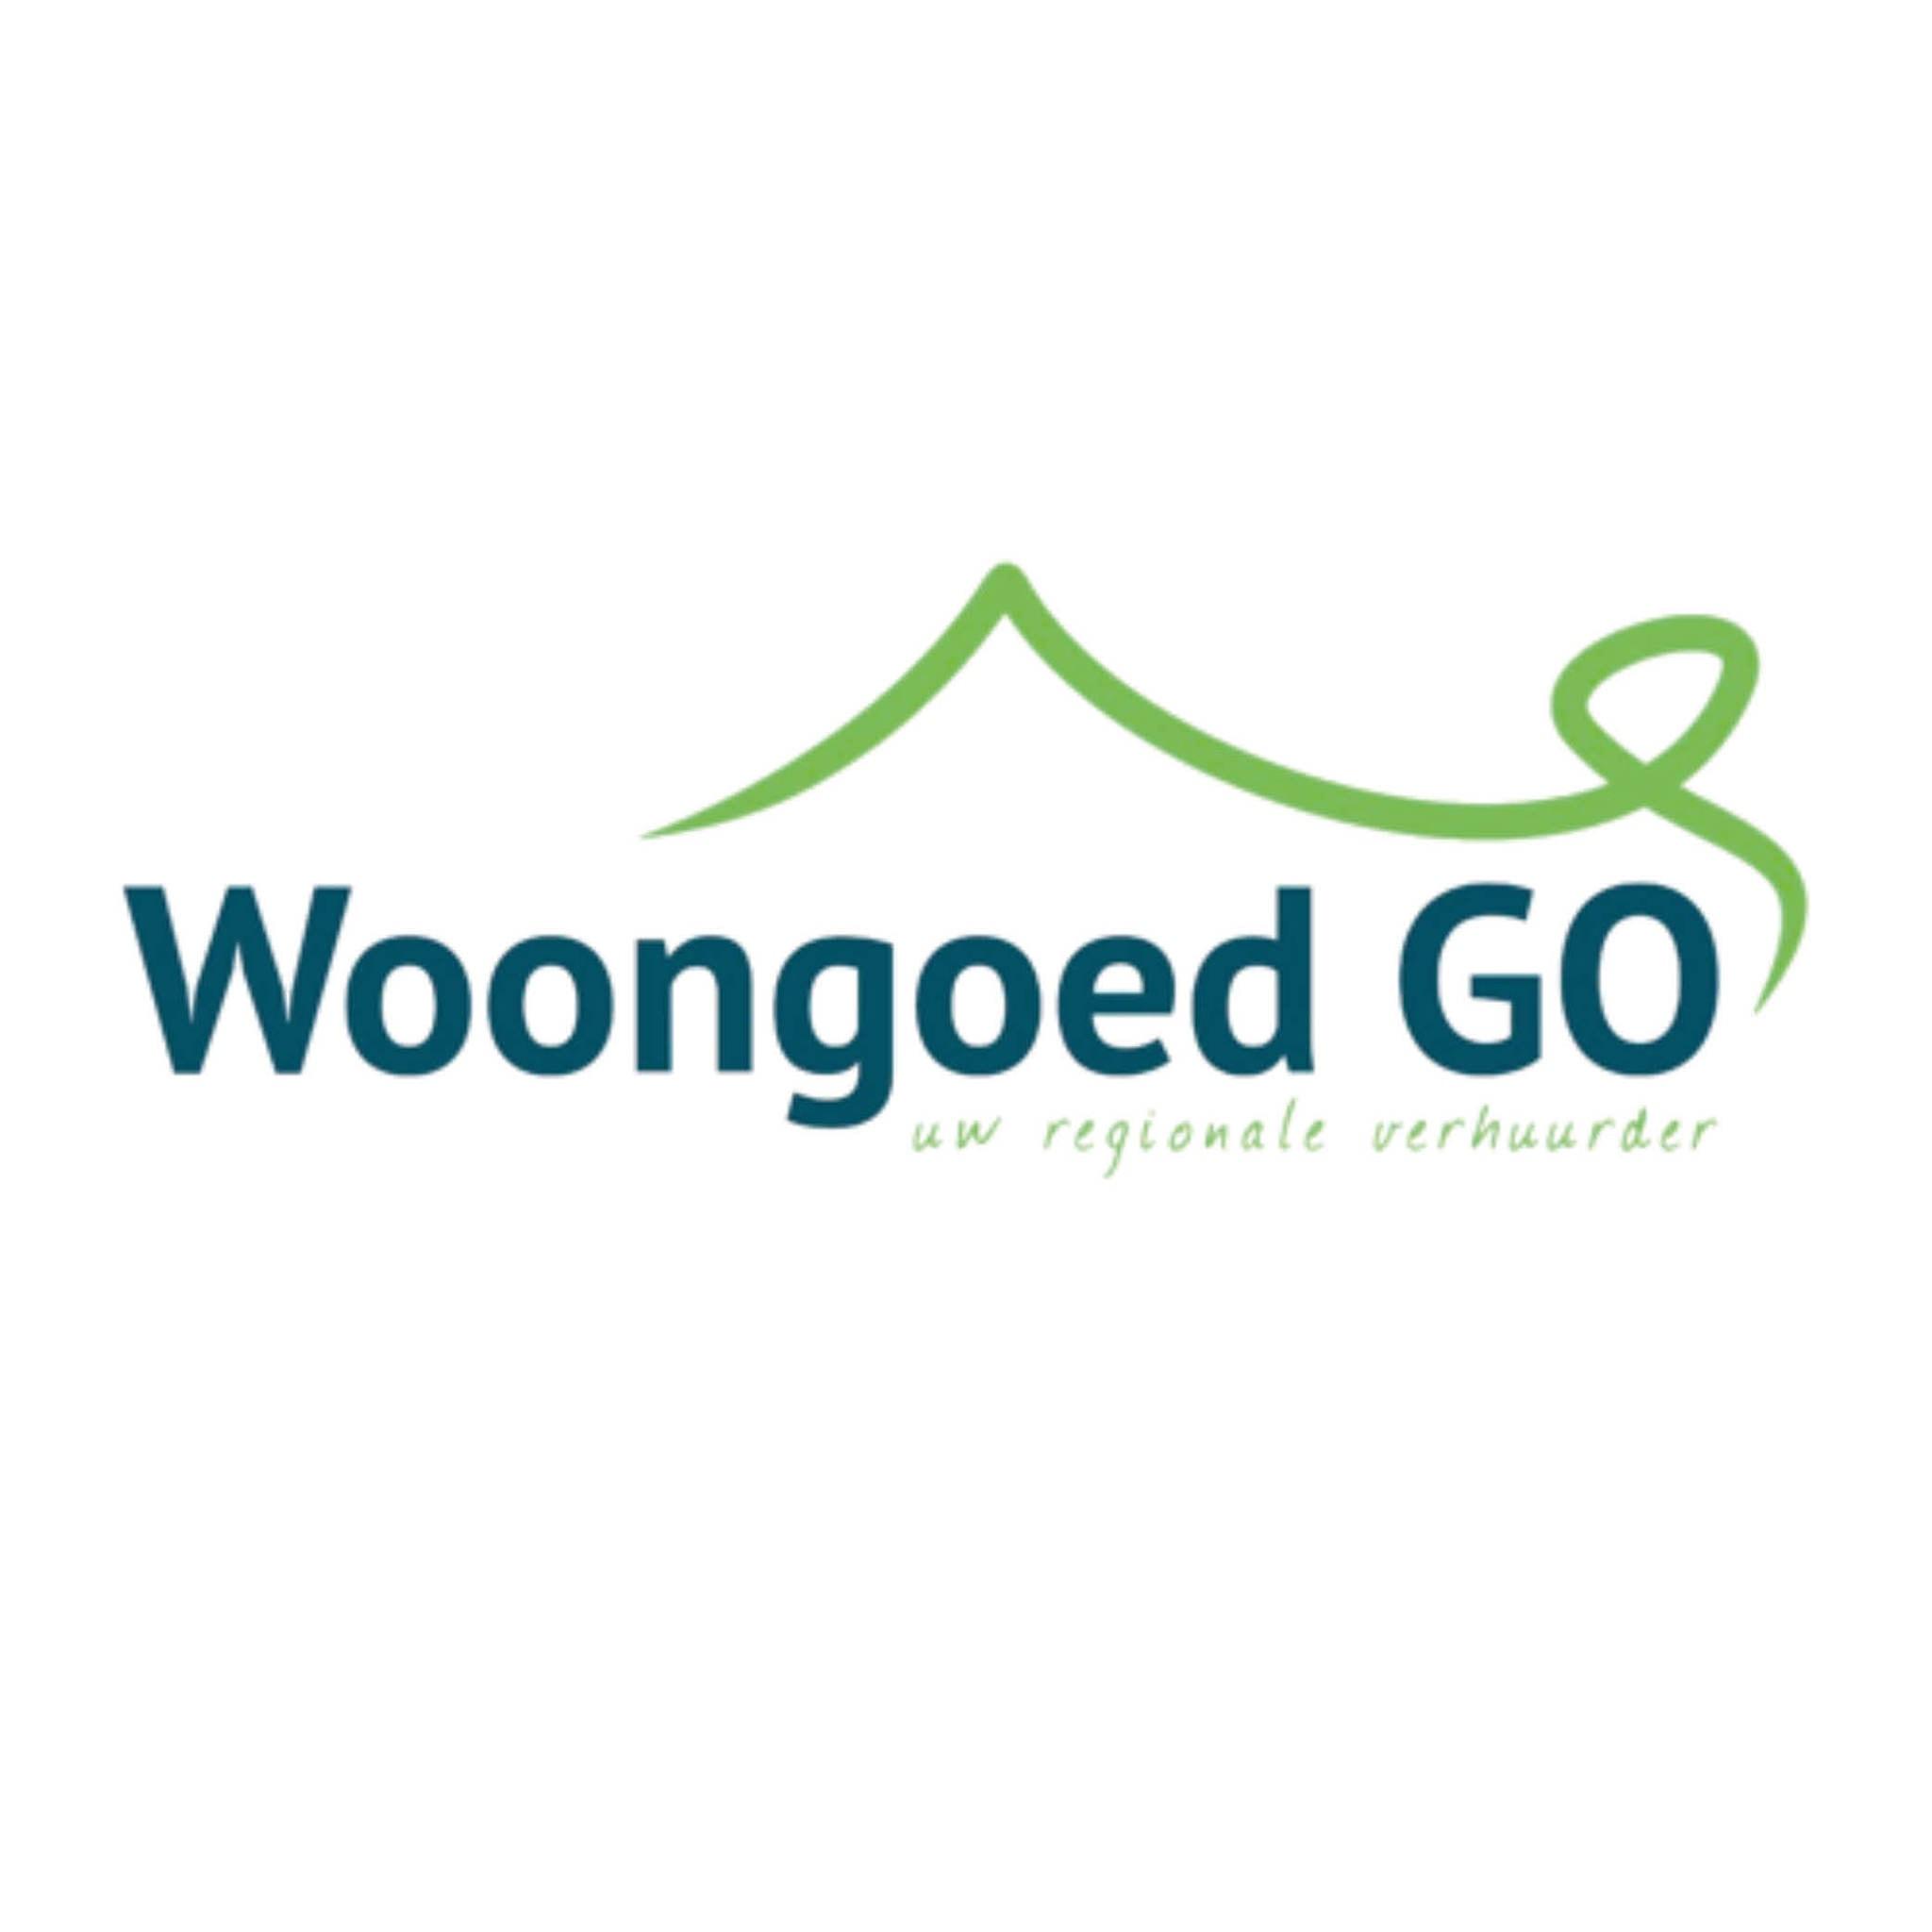 Woongoed GO kiest voor Unexus